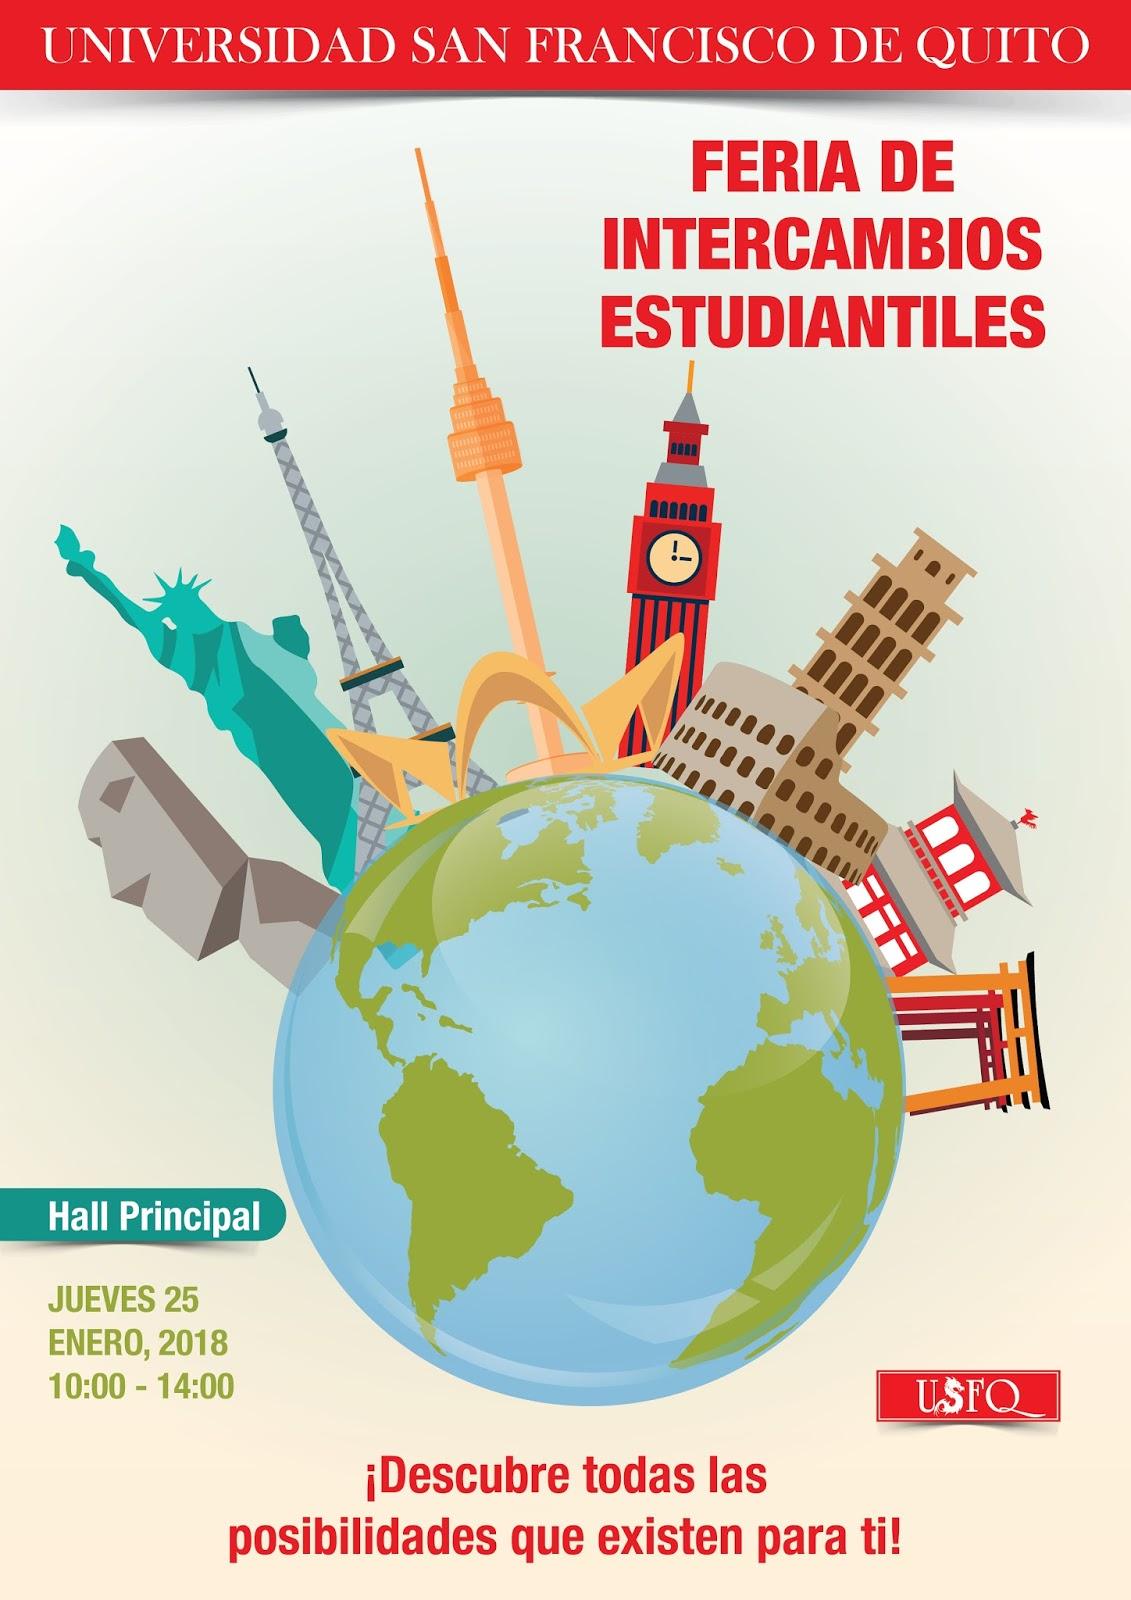 Feria de Intercambios Internacionales USFQ. 25 de Enero, 10h00-14h00, Hall principal-USFQ